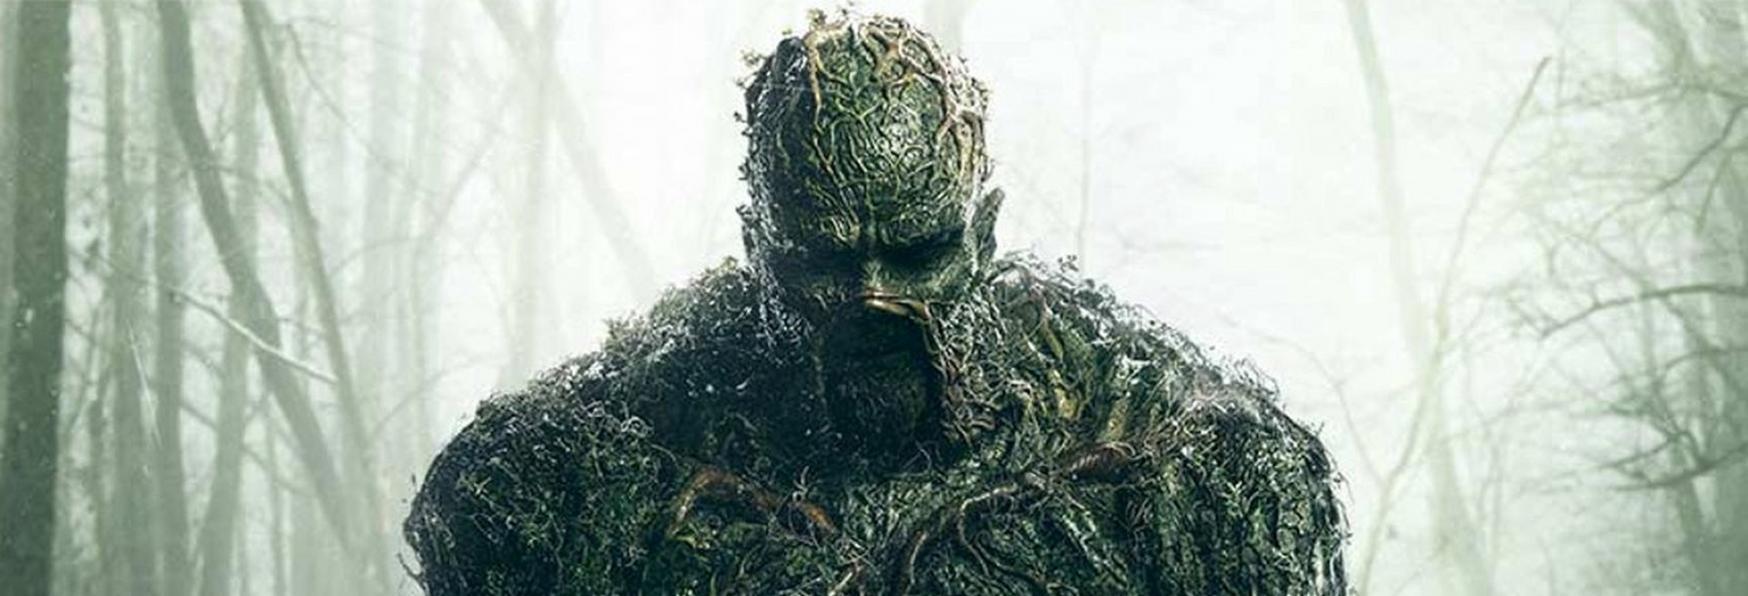 La Rete The CW acquista varie Serie TV tra cui Swamp Thing. Nuovi Episodi in arrivo?